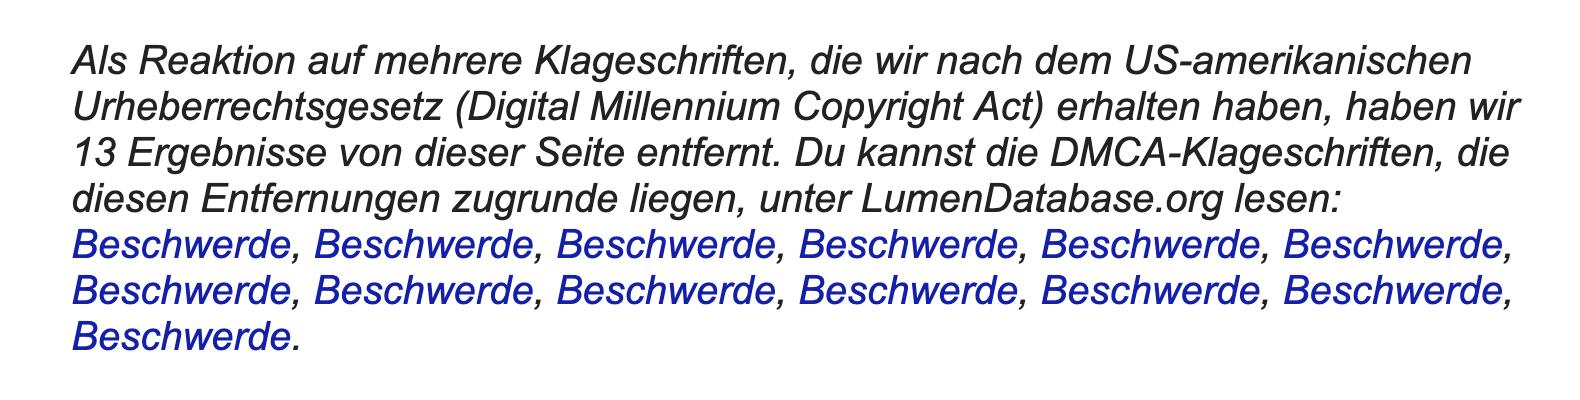 Hinweis auf einer Google Ergebnisseite, dass einige Ergebnisse auf Grund mehrerer DMCA Klageschriften aus den Ergebnissen entfernt wurden. Dazu gibt es Links zu den einzelnen Beschwerden.